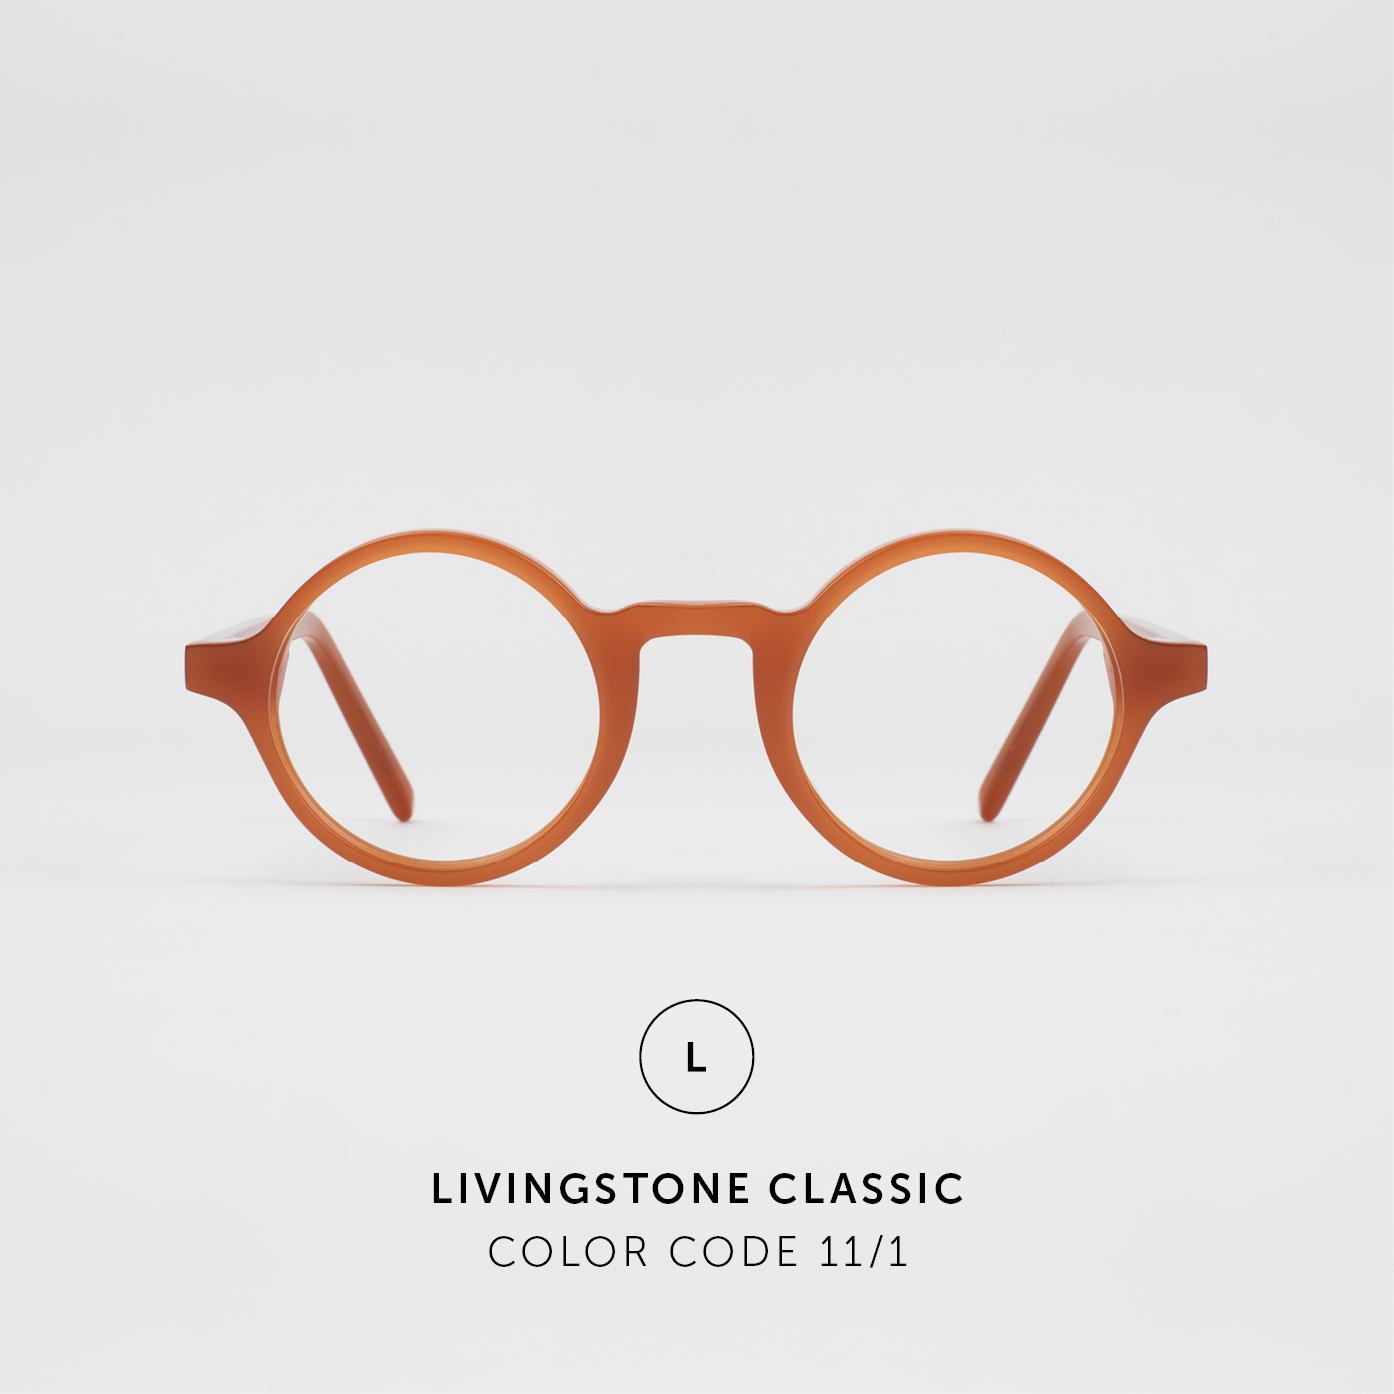 LivingstoneClassic49.jpg